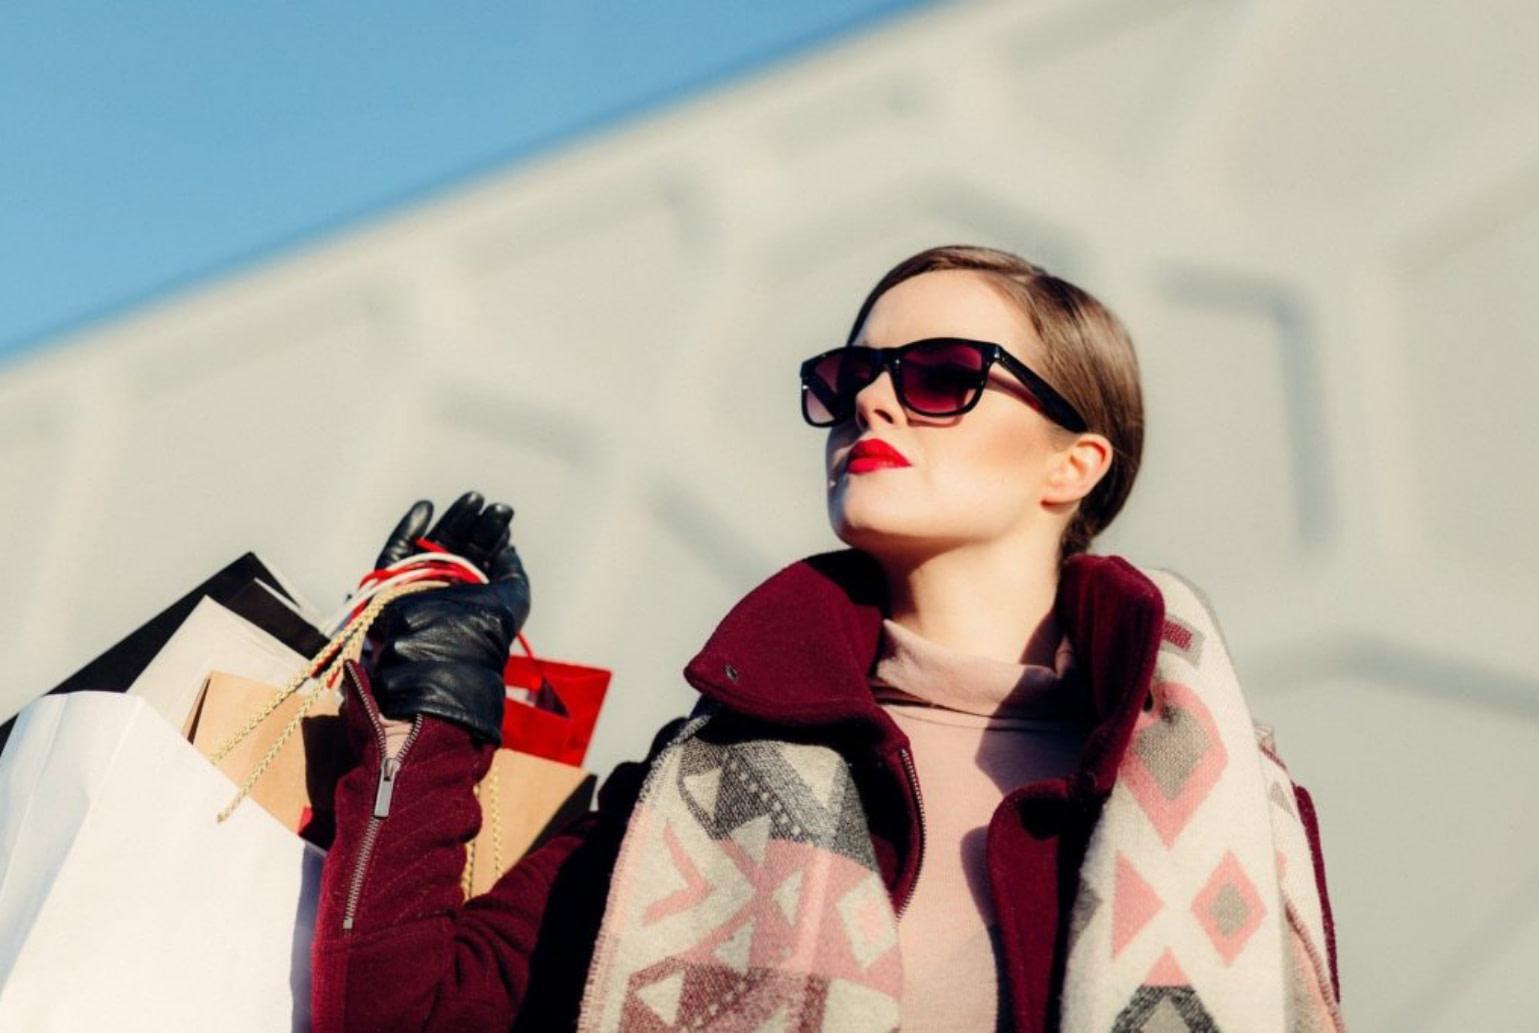 Femme qui porte des sacs de courses